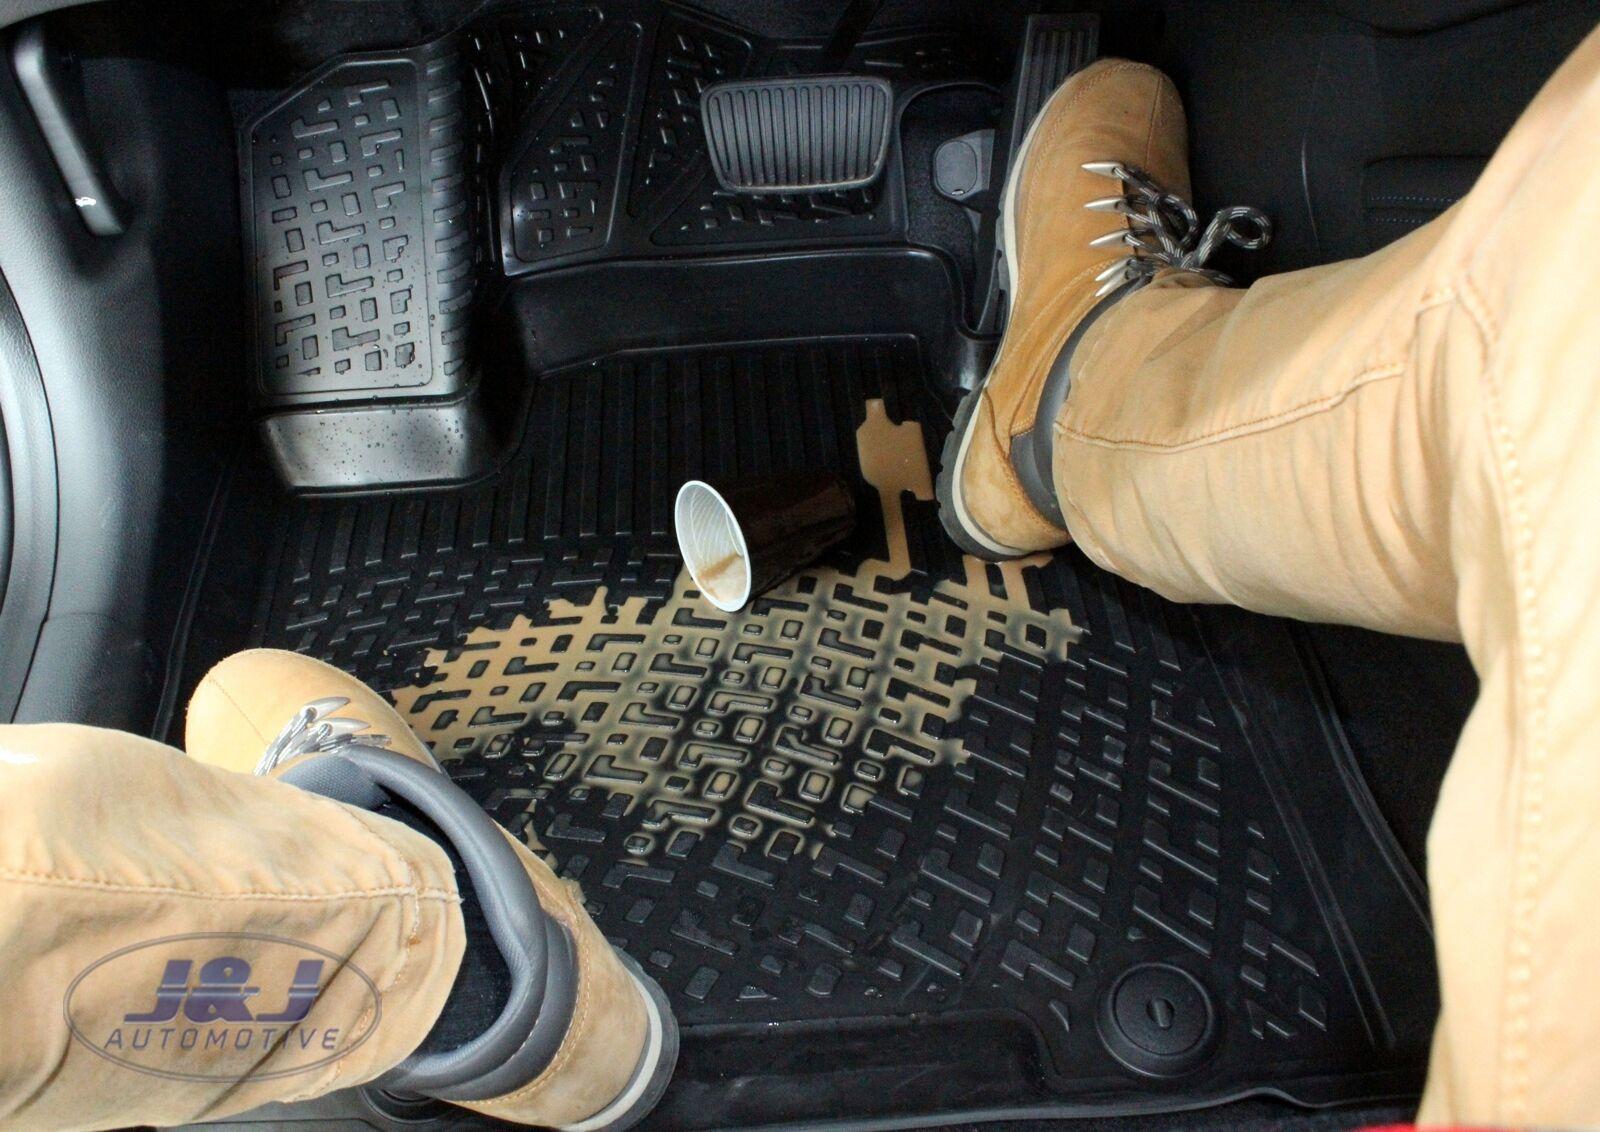 J/&J AUTOMOTIVE Tapis DE Sol en Caoutchouc 3D Exclusive Compatible avec Honda CRV C-RV 2006-2012 3pcs